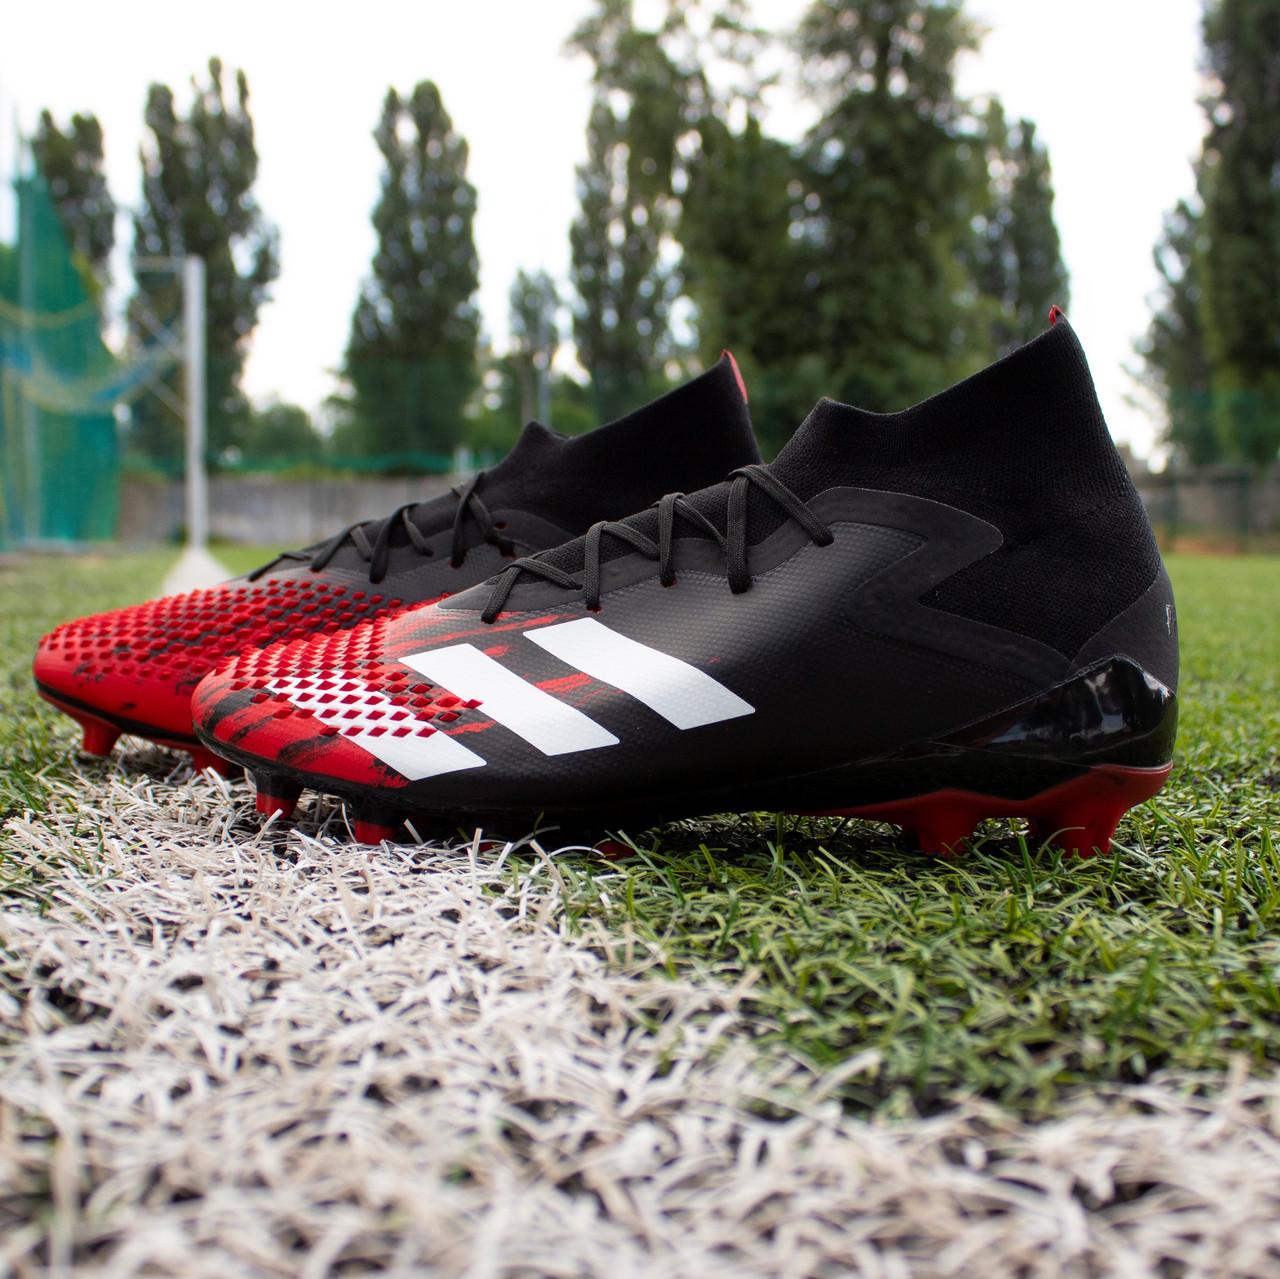 Бутсы Adidas Predator Mutator 20+ (43 размер)